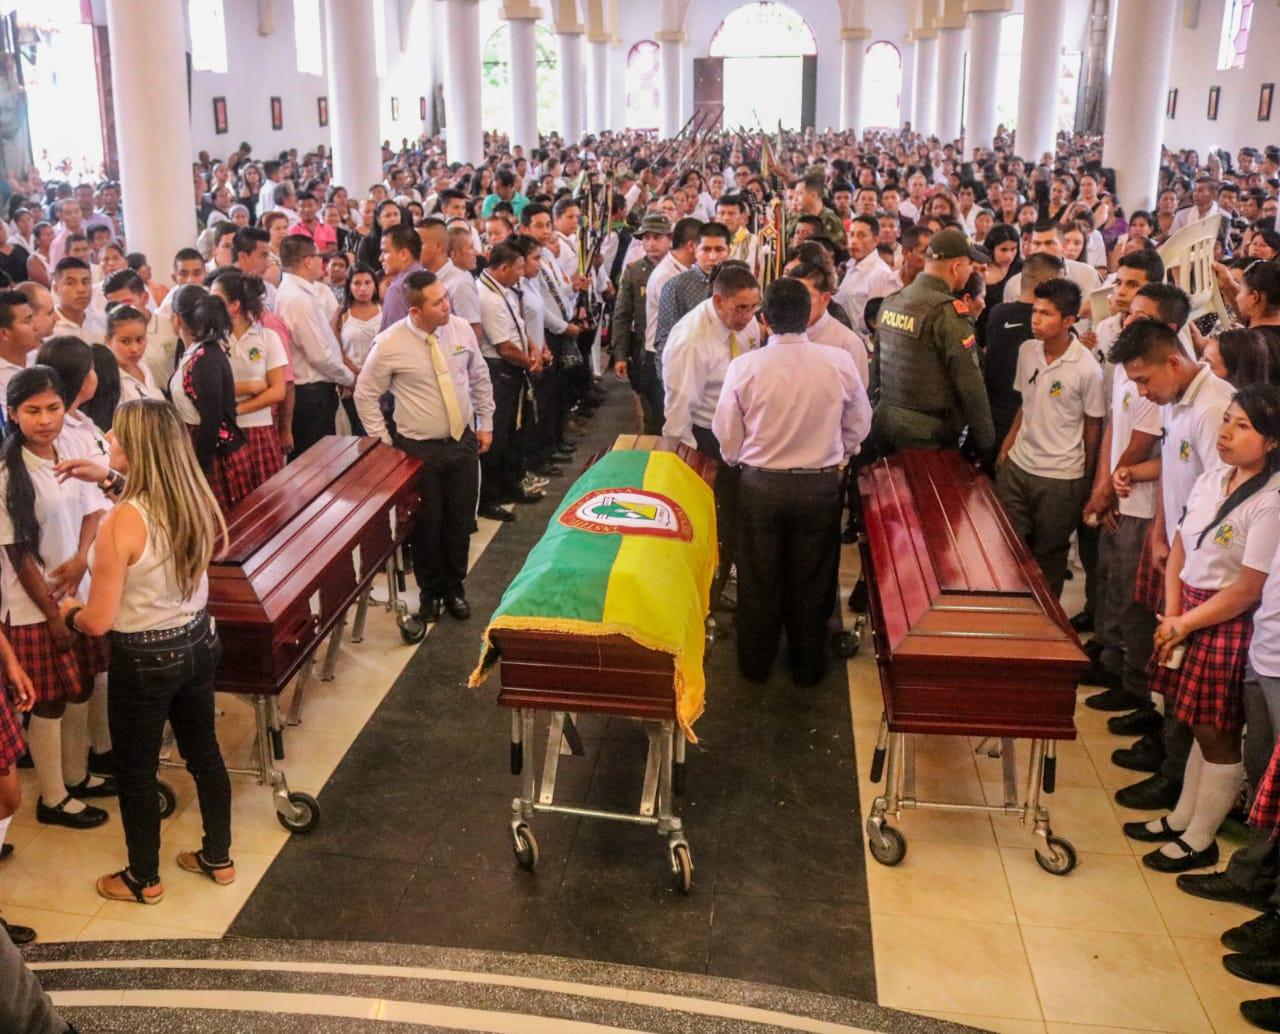 Movice  y el CPDH rechazamos la Masacre en el Resguardo Indígena de San Lorenzo (Riosucio- Caldas) y exigimos garantías para las autoridades indígenas del territorio